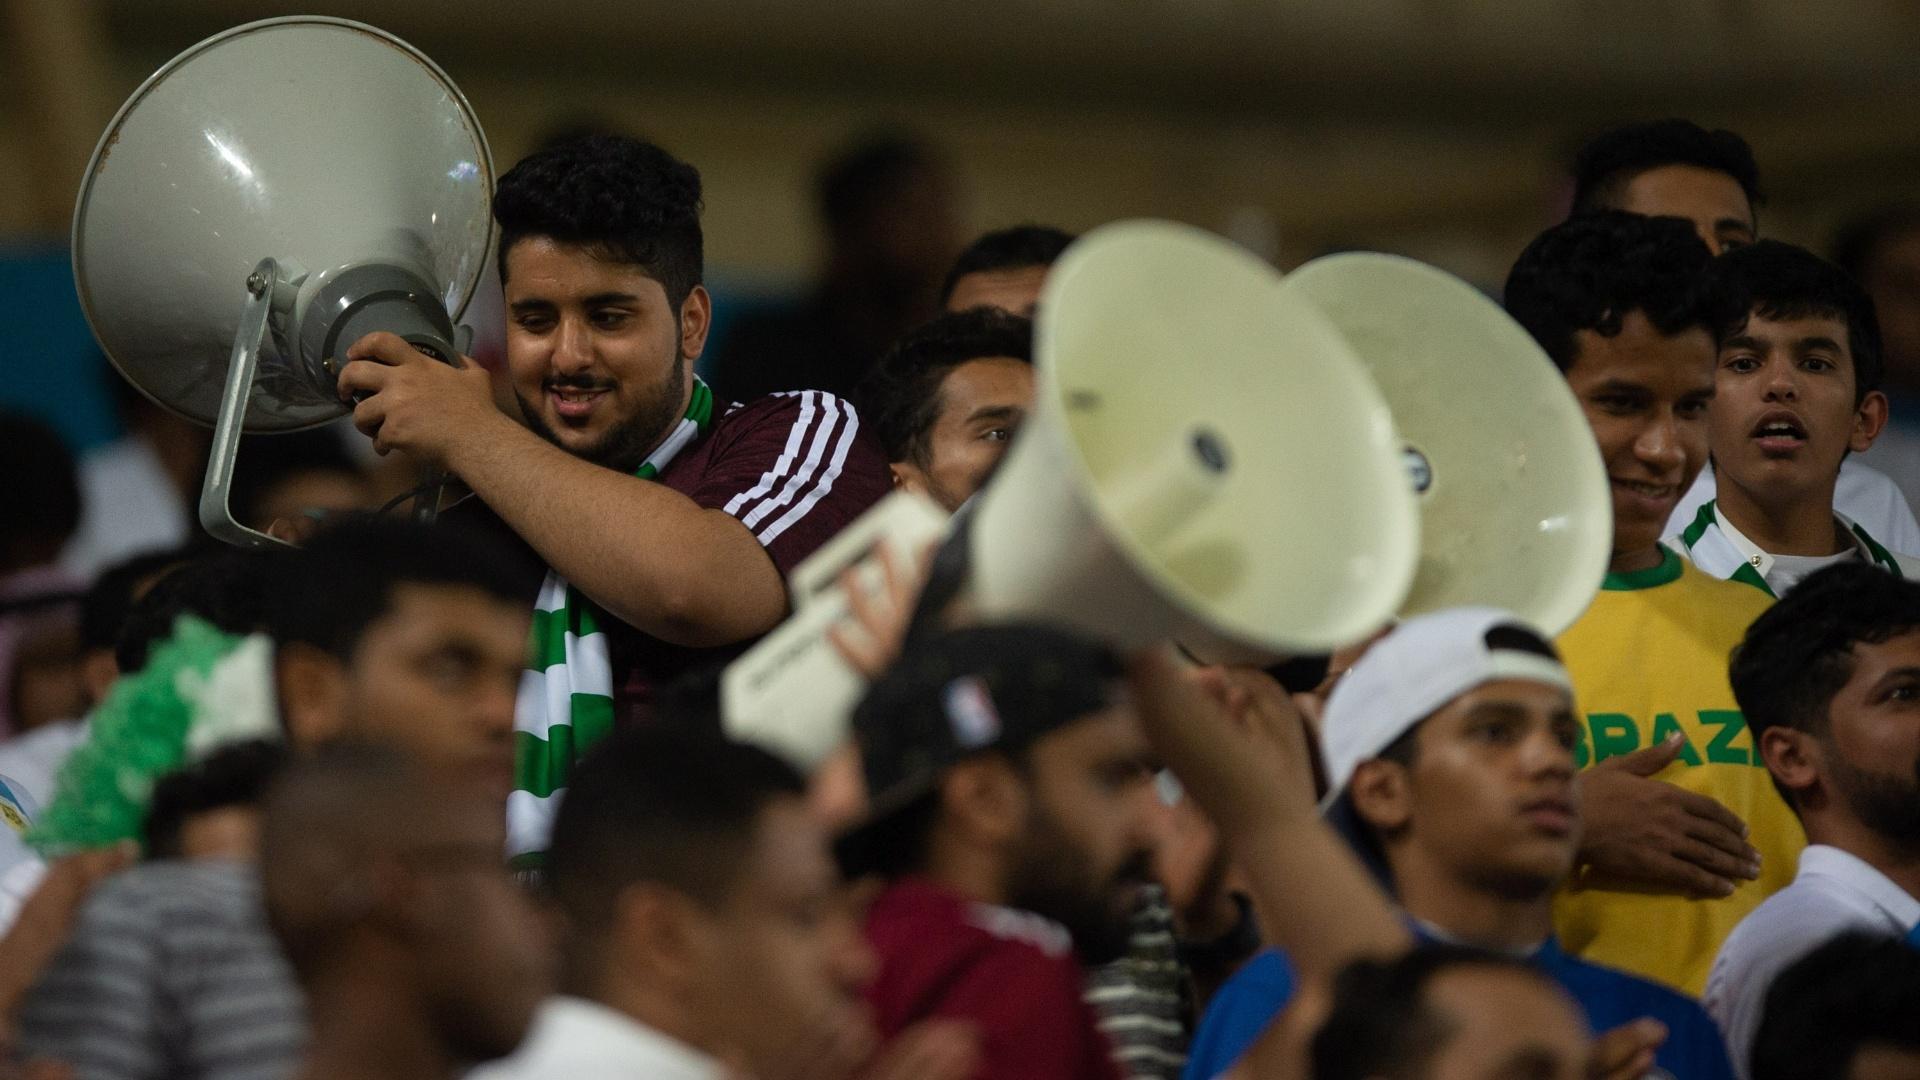 Torcedores sauditas usam megafones durante amistoso contra a seleção brasileira